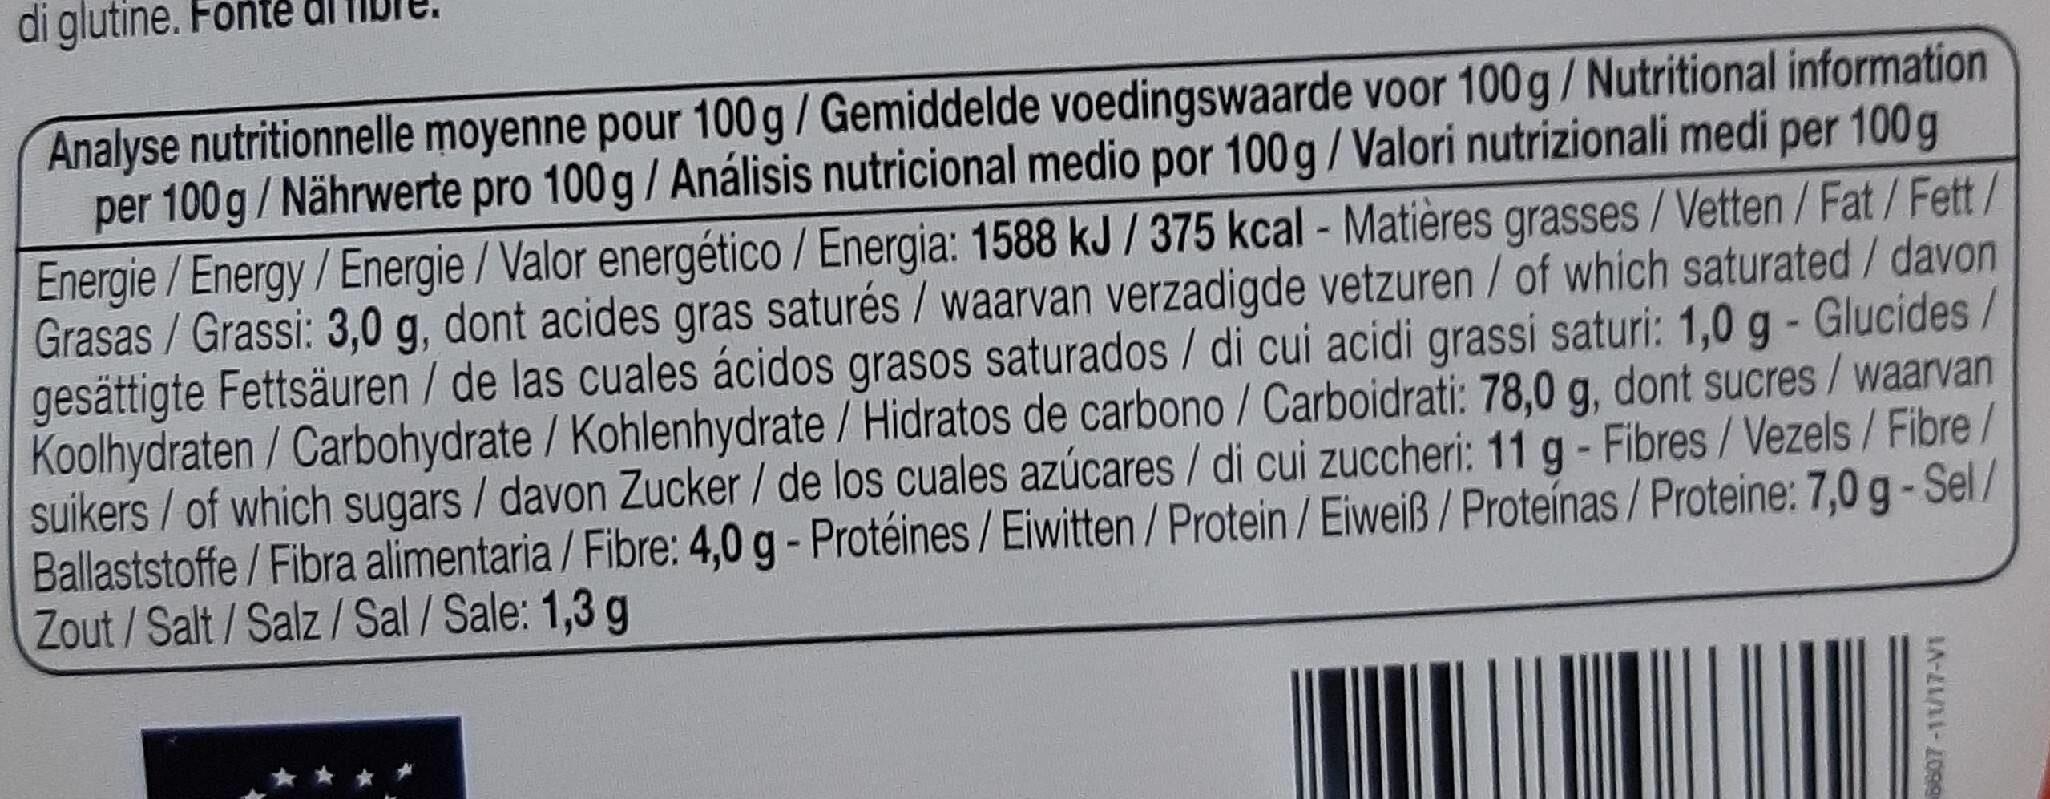 Flakes quinoa - Ernæringsfakta - fr